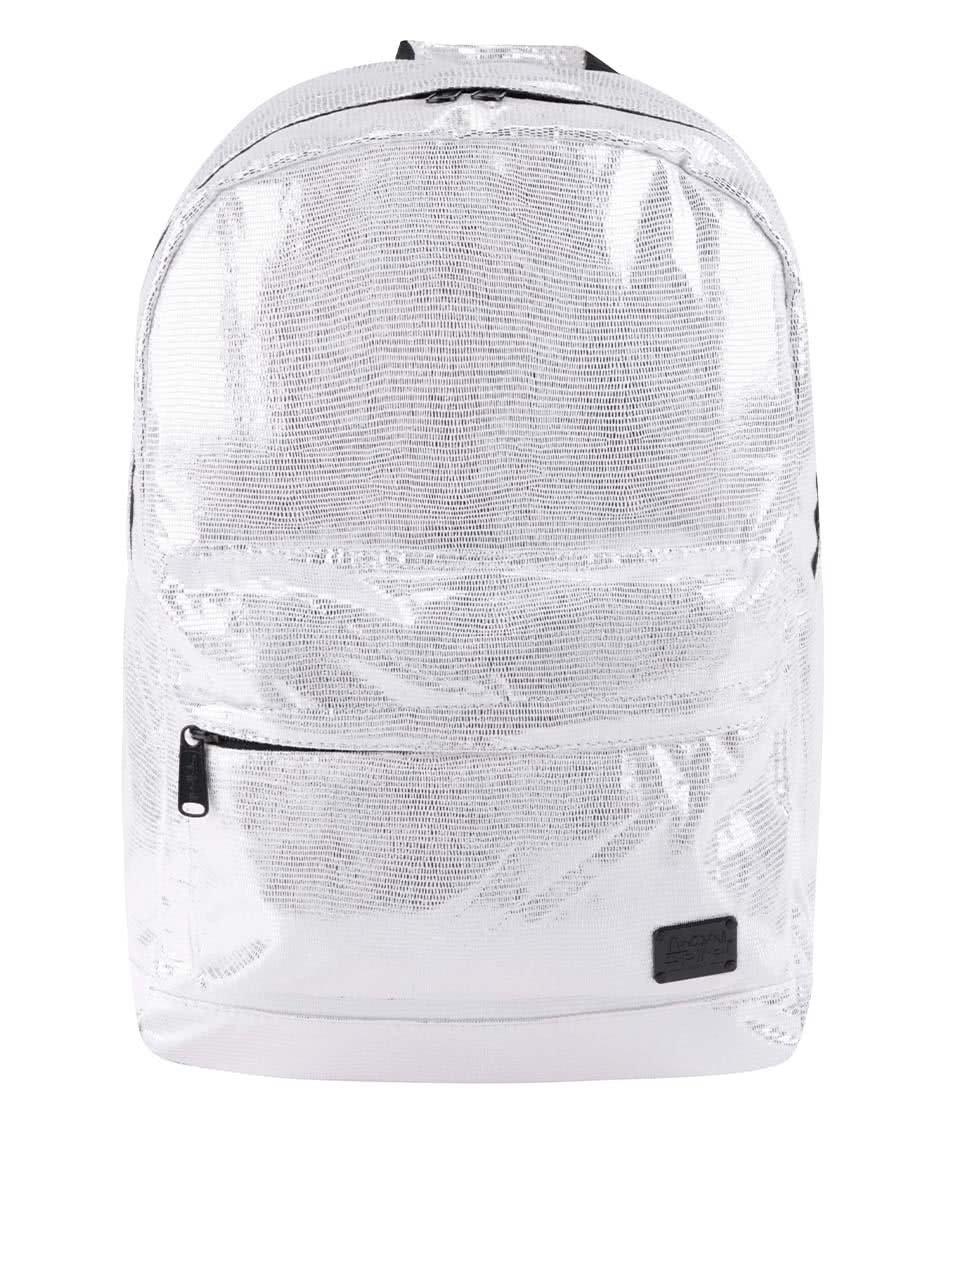 Dámský batoh ve stříbrné a krémové barvě Spiral Linings 18 l